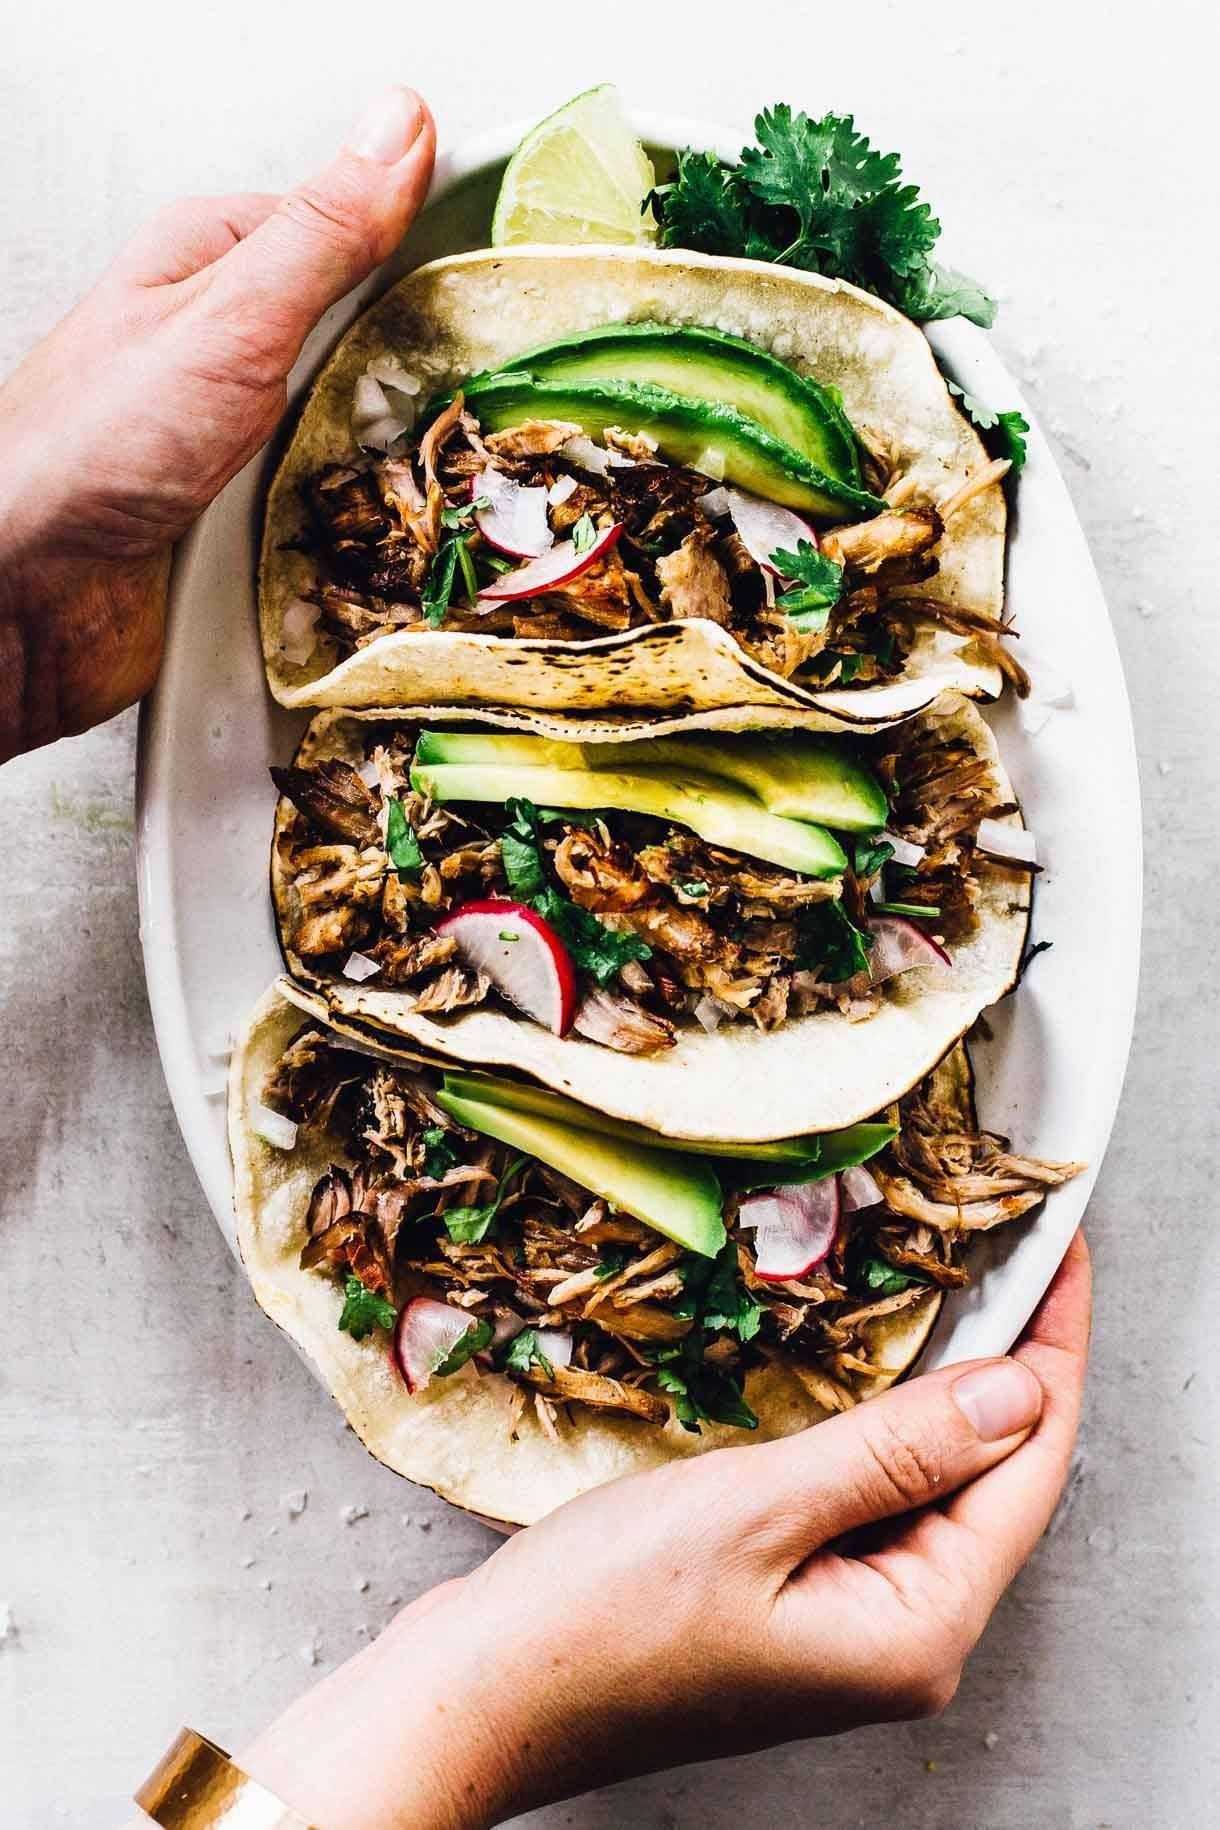 Crockpot carnitas in tacos with avocado.